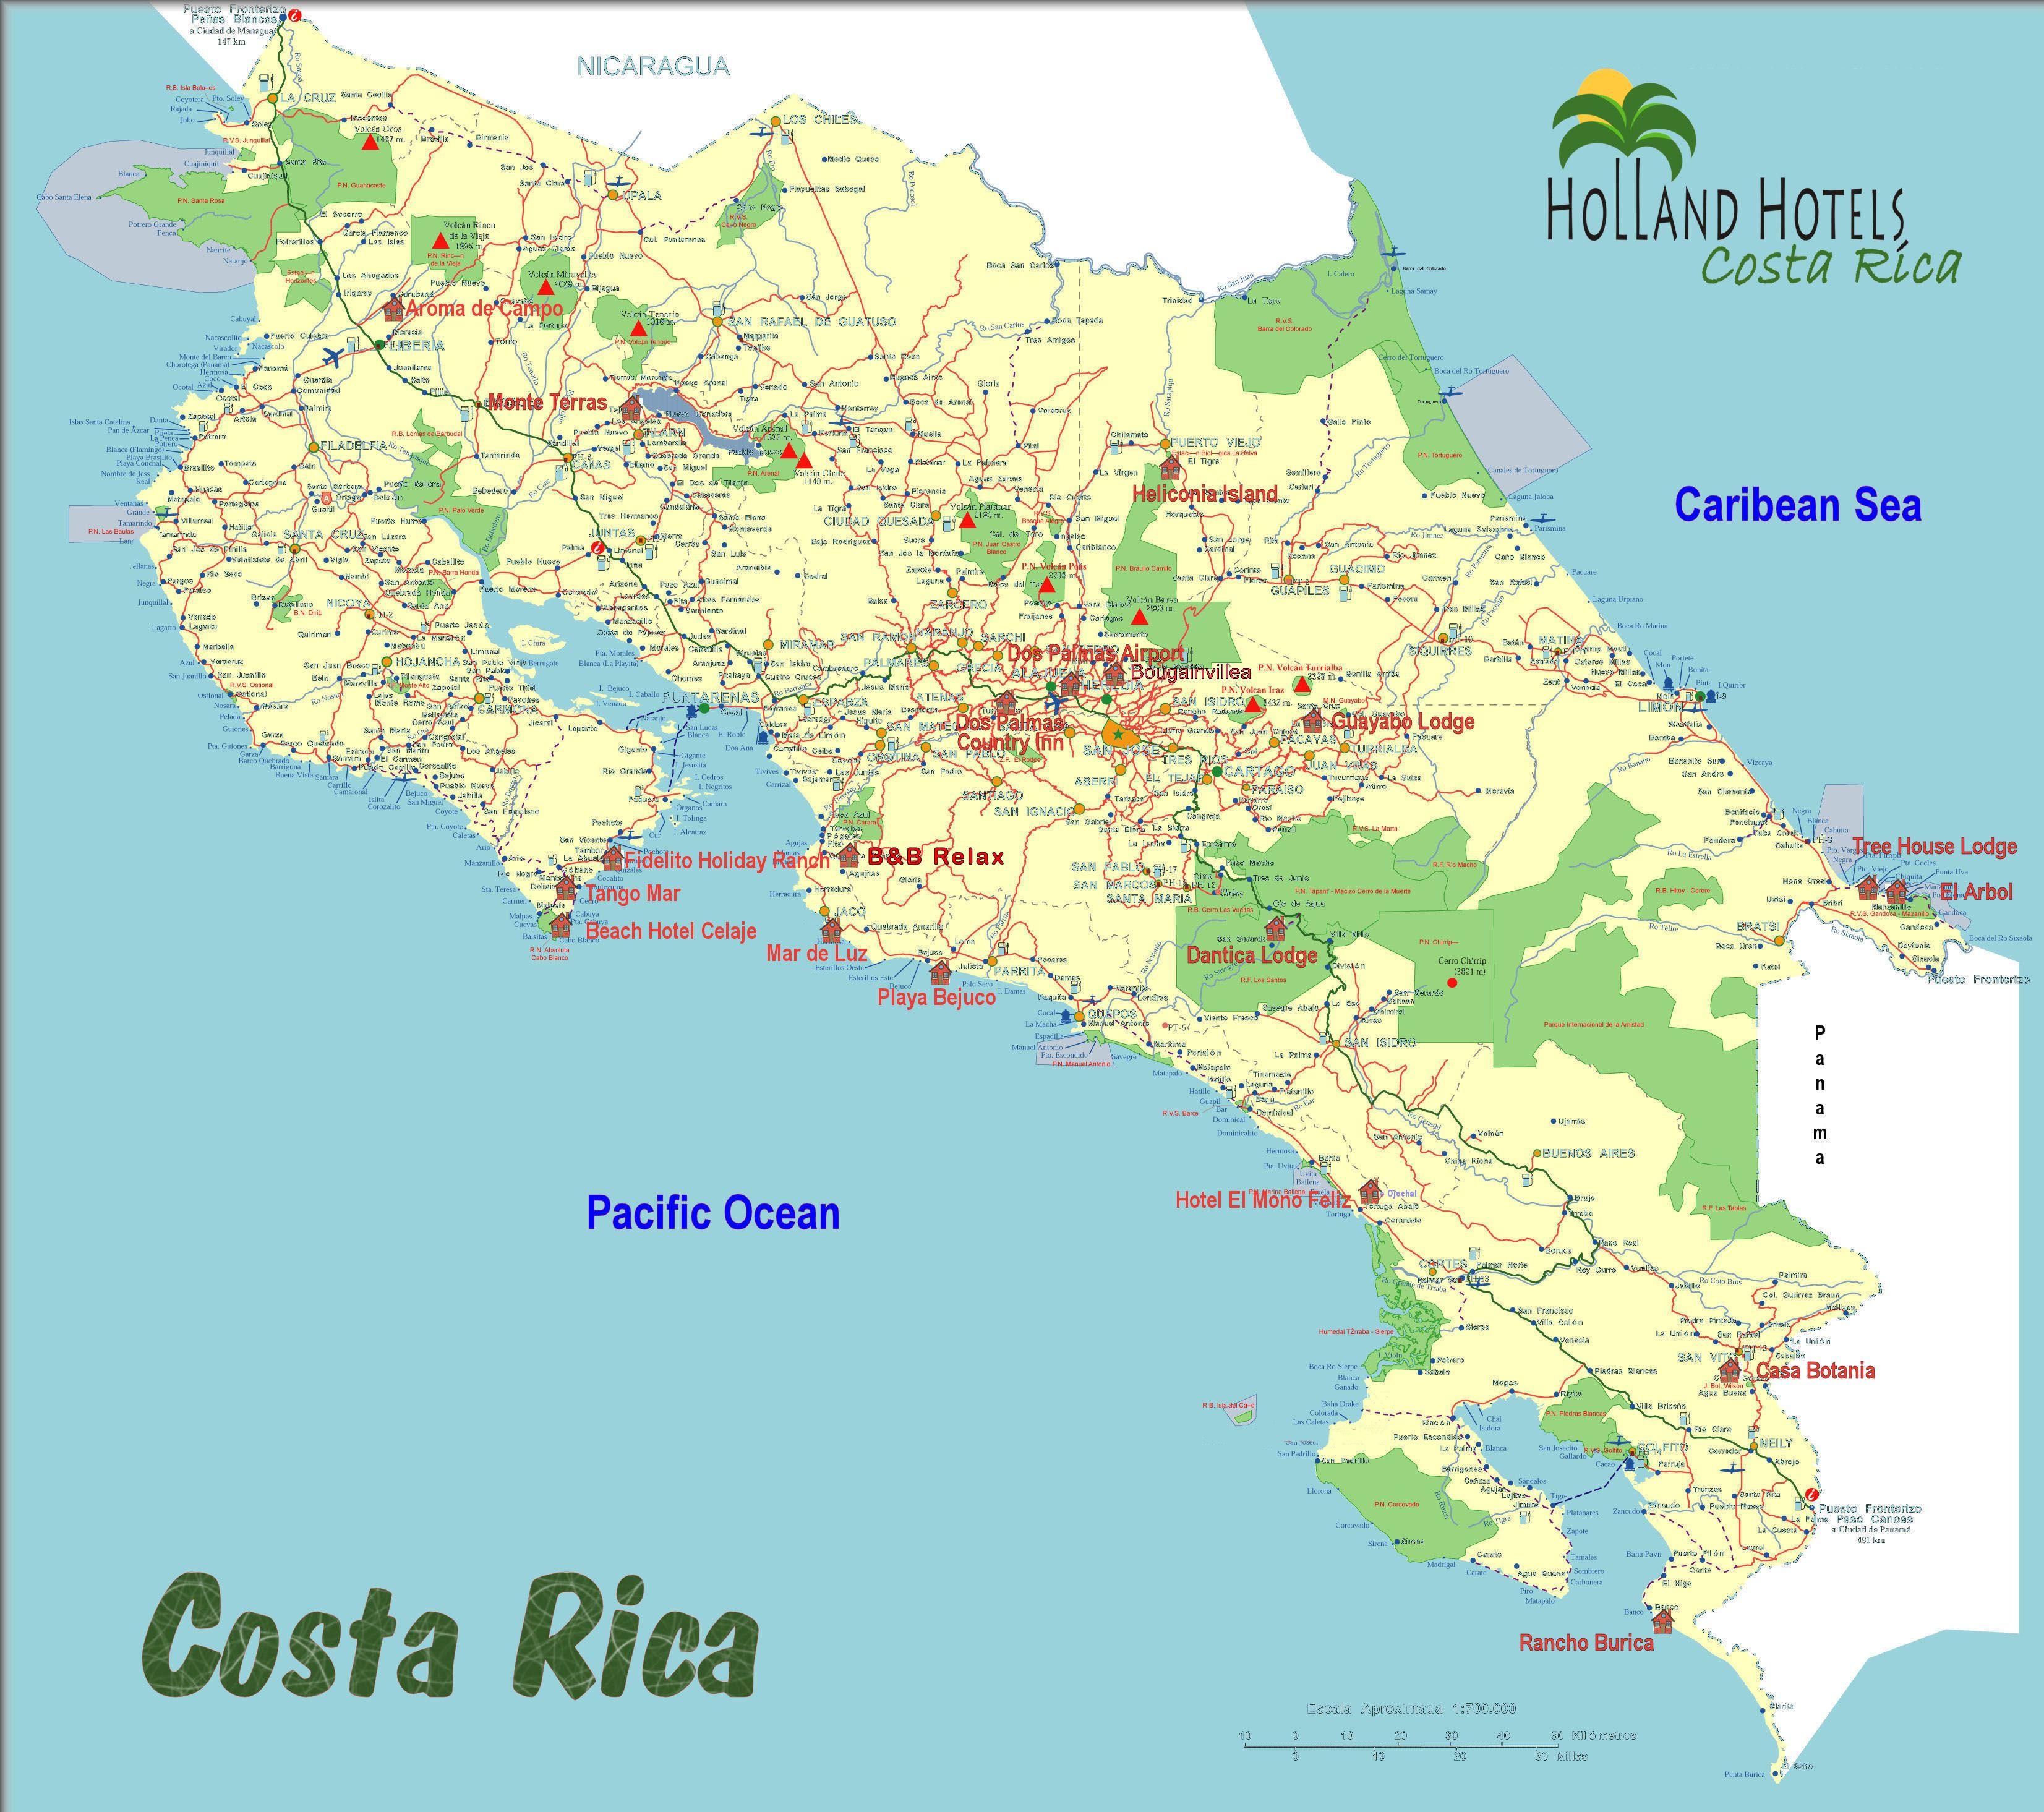 Kaart Van Holland Hotels Nederlandstalige Eigenaren Hotelcosta Rica